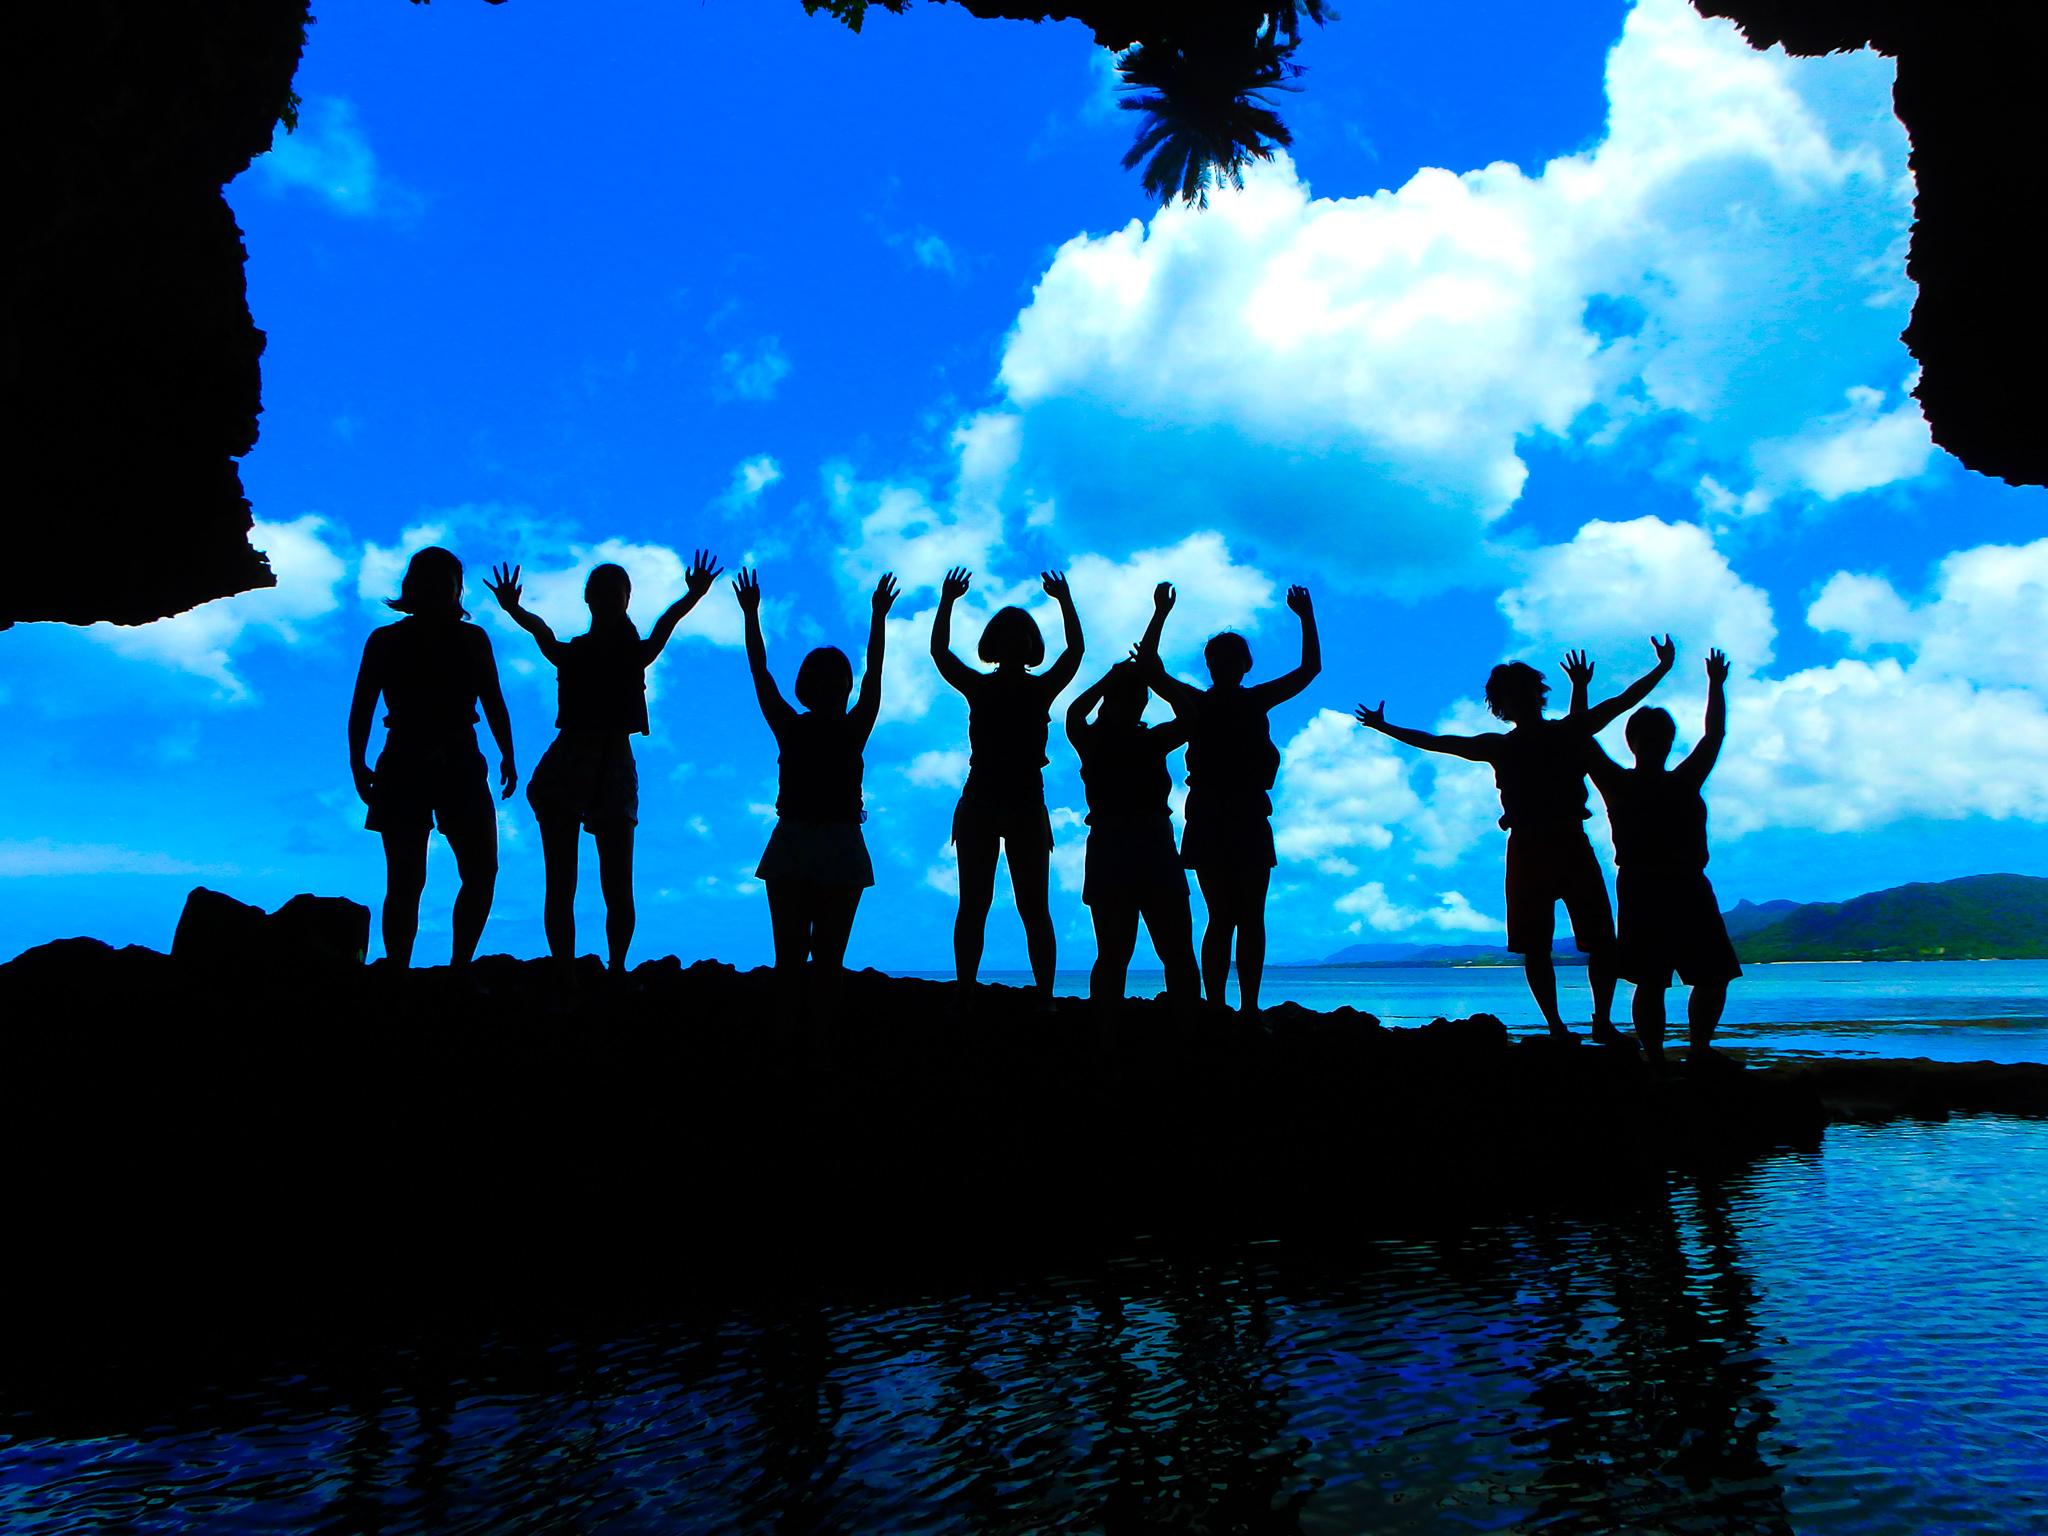 青の洞窟へ団体ツアーで参加の仲間たち